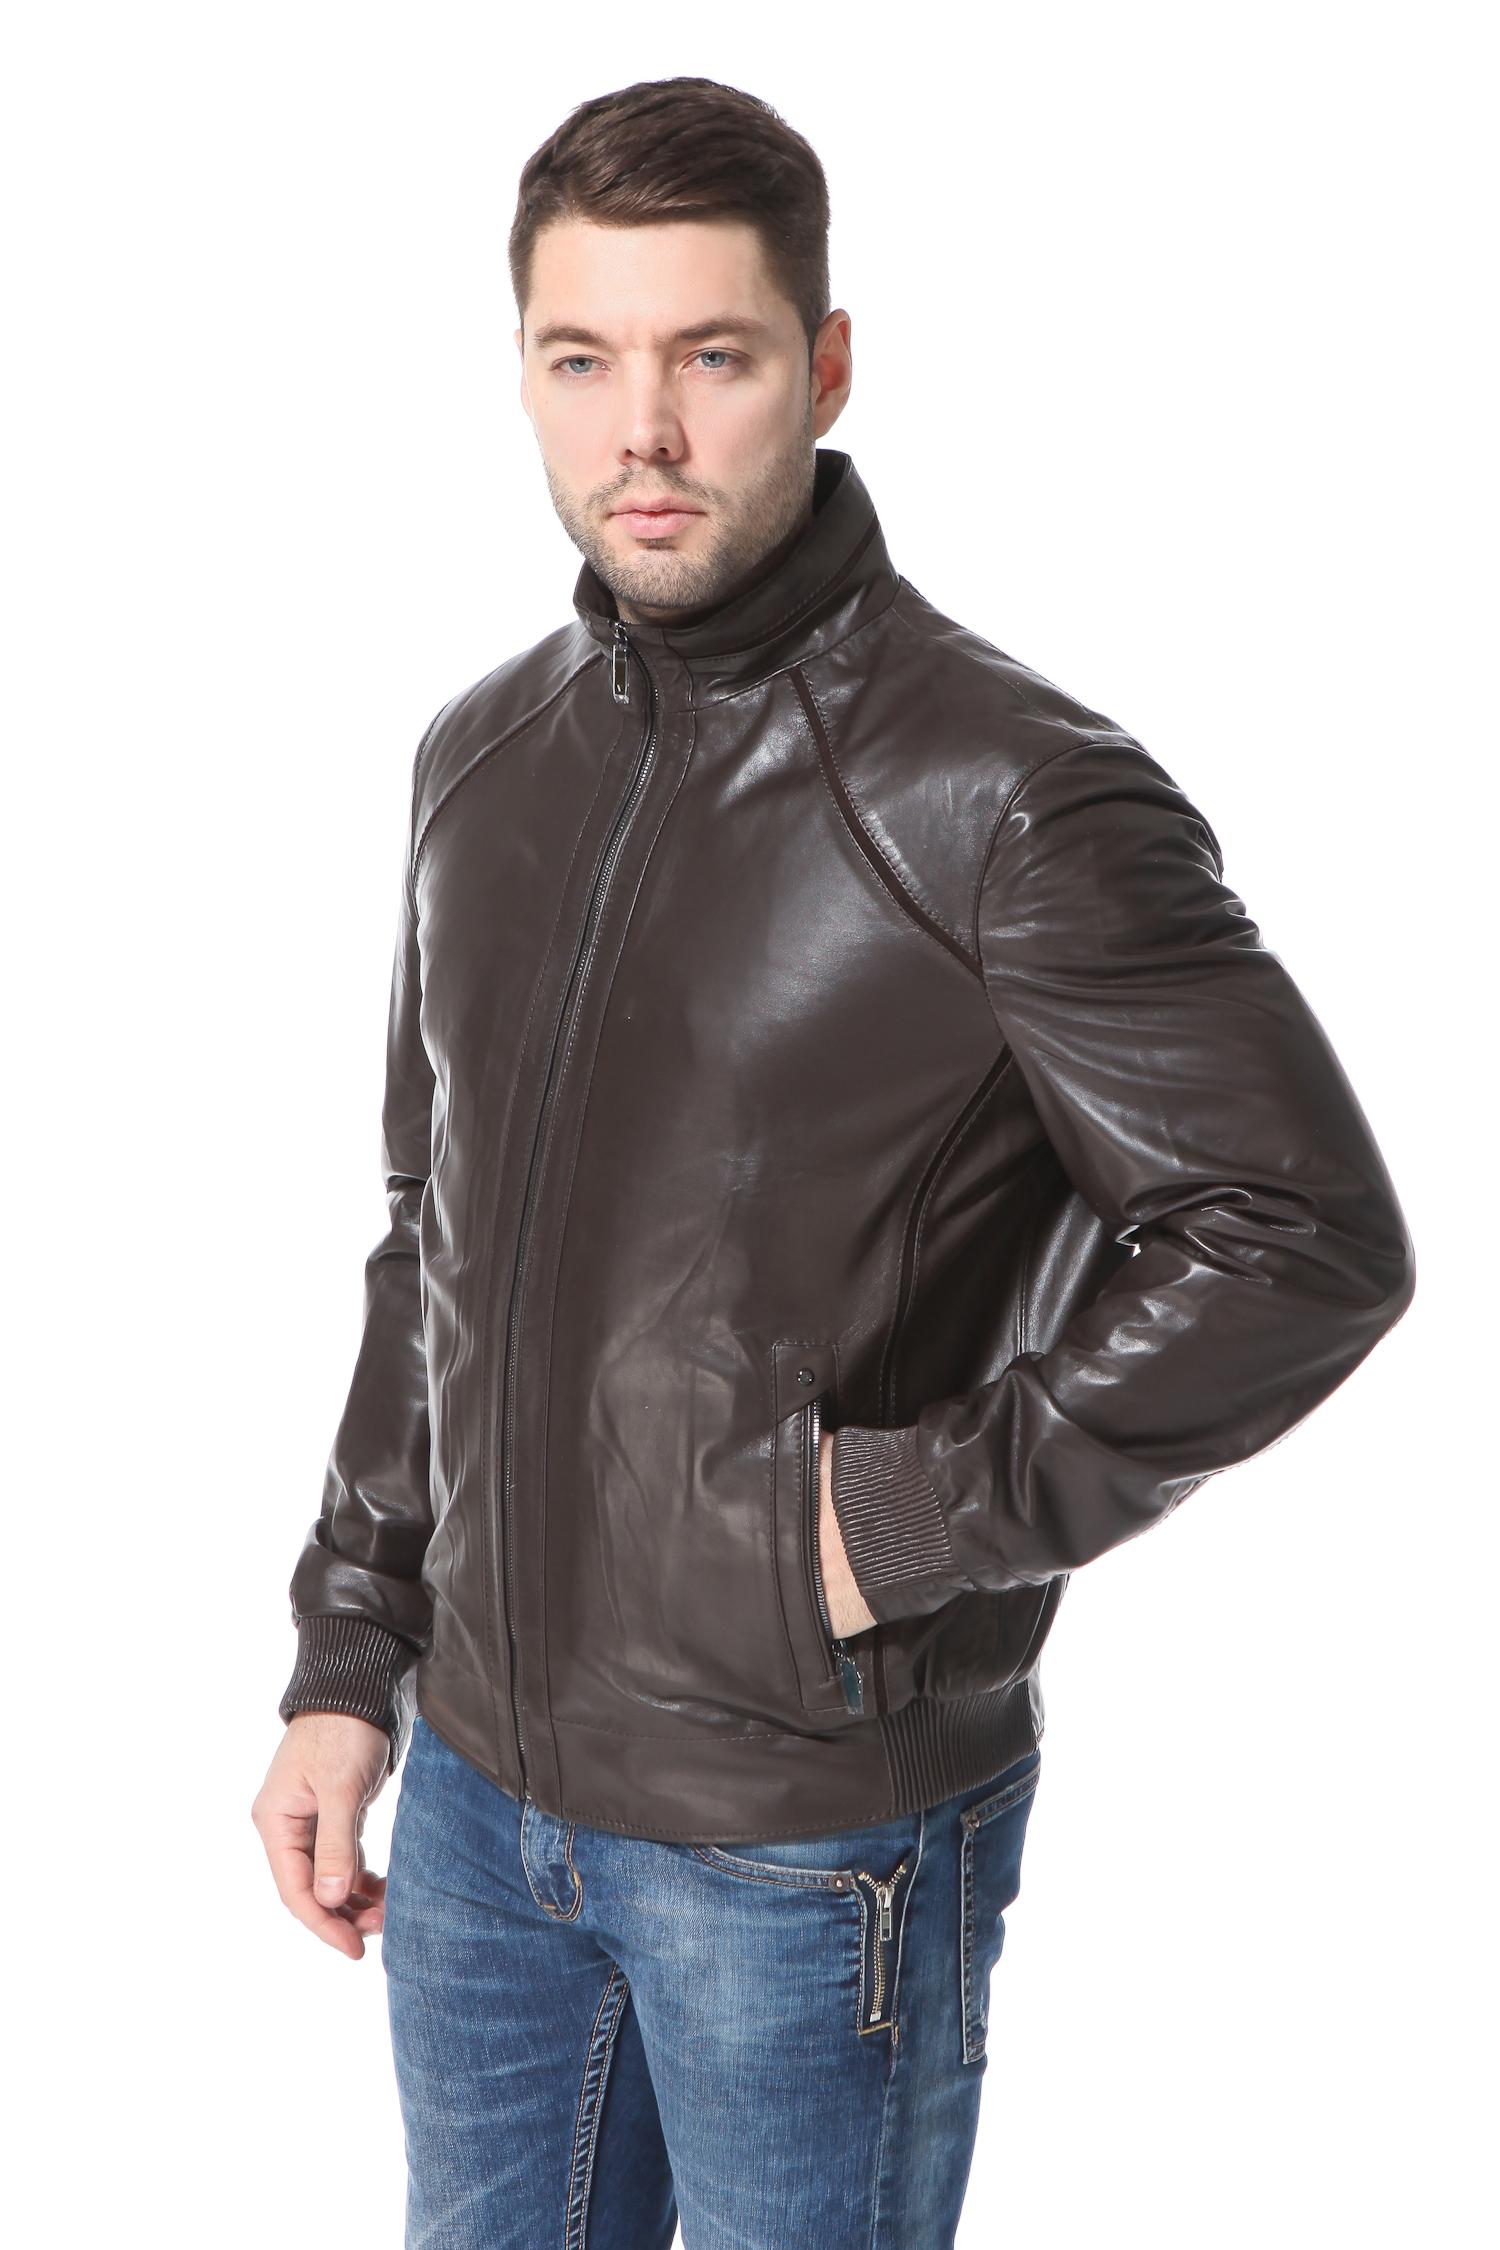 Мужская кожаная куртка из натуральной кожи<br><br>Воротник: стойка<br>Длина см: Короткая (51-74 )<br>Материал: Кожа овчина<br>Цвет: коричневый<br>Застежка: на молнии<br>Пол: Мужской<br>Размер RU: 56